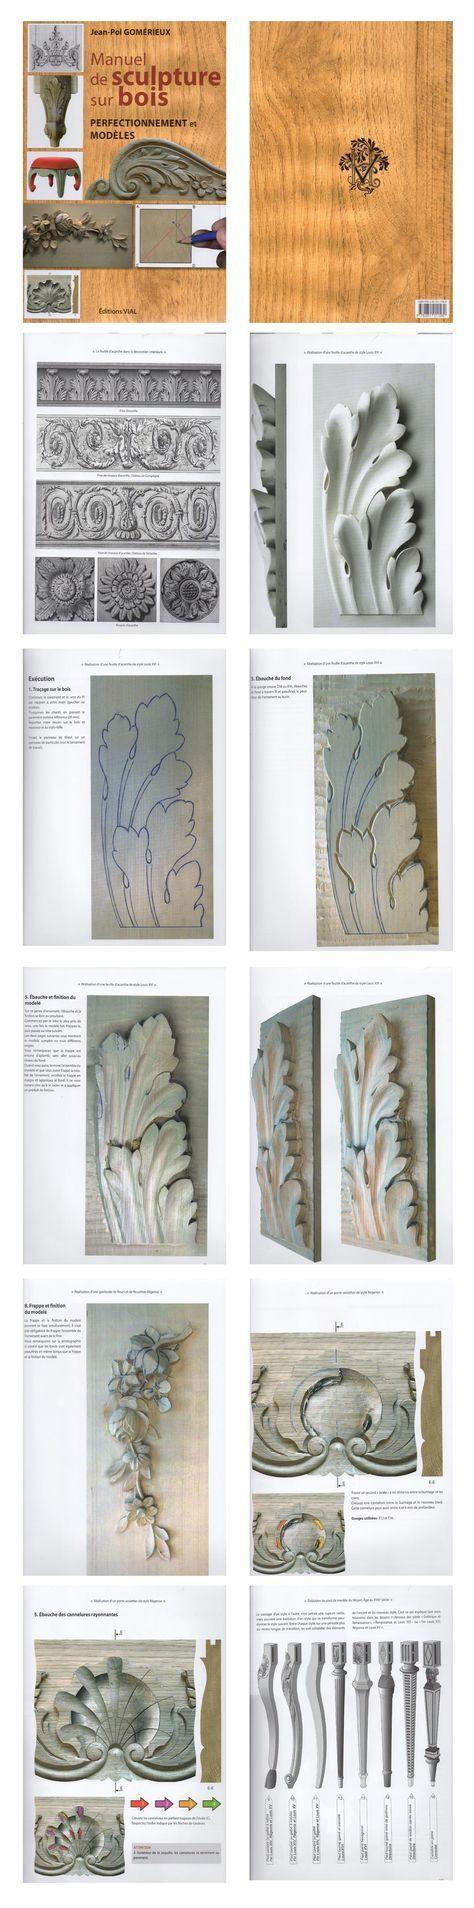 Manuel De Sculpture Sur Bois by Jean-Pol Gomerieux